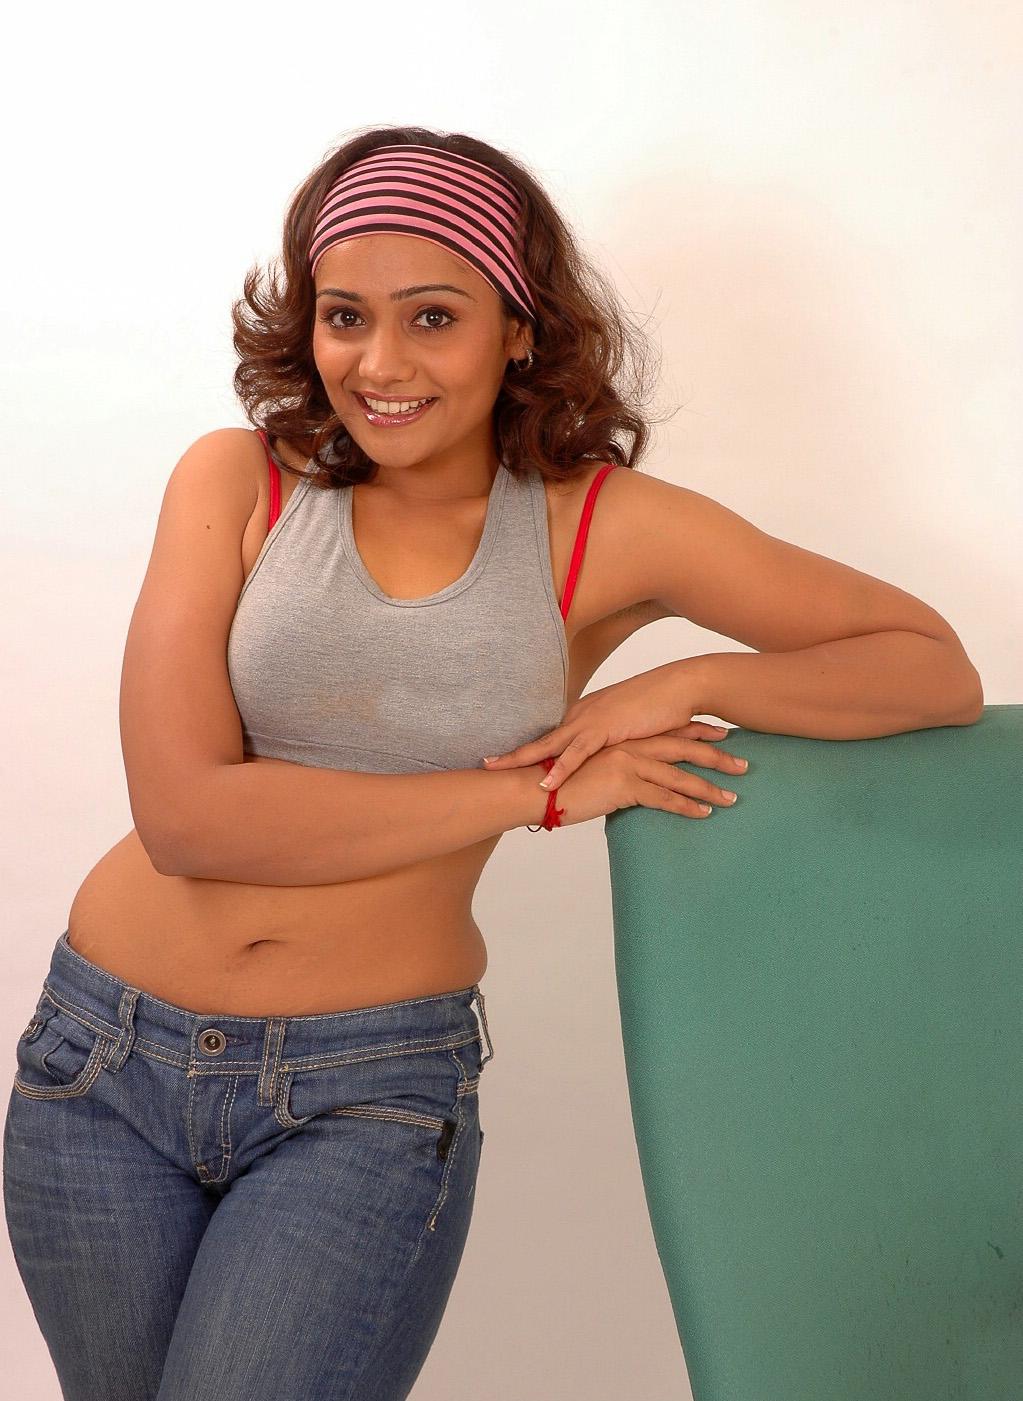 Meera Vasudevan Meera Vasudevan new pictures